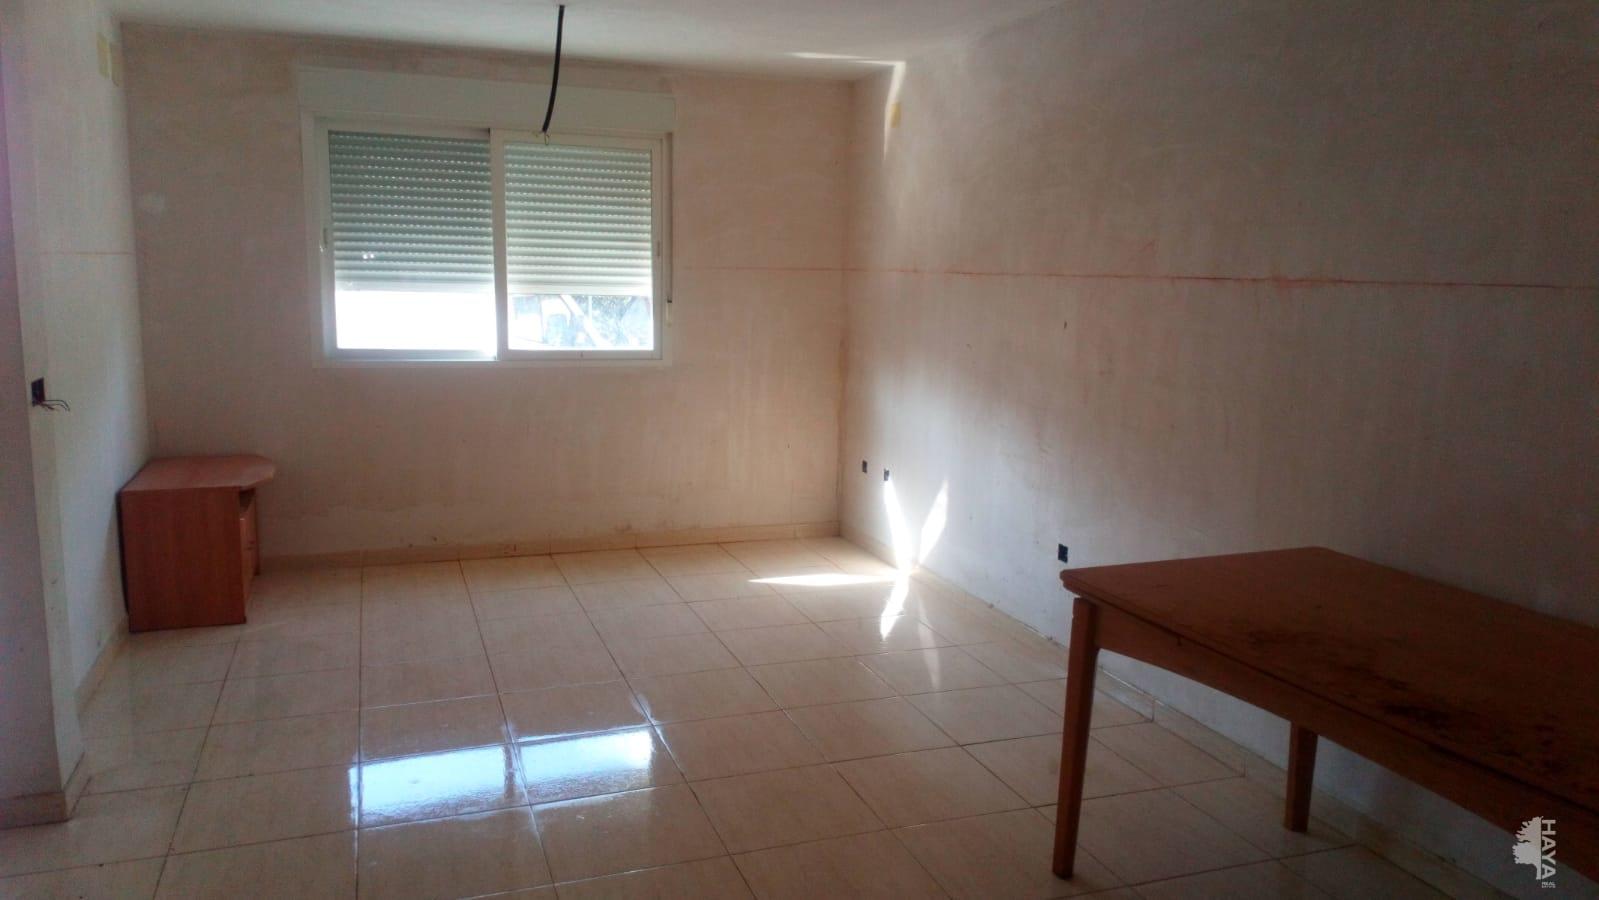 Casa en venta en Monteblanco, Onda, Castellón, Calle Santa Rita, 82.217 €, 3 habitaciones, 2 baños, 108 m2